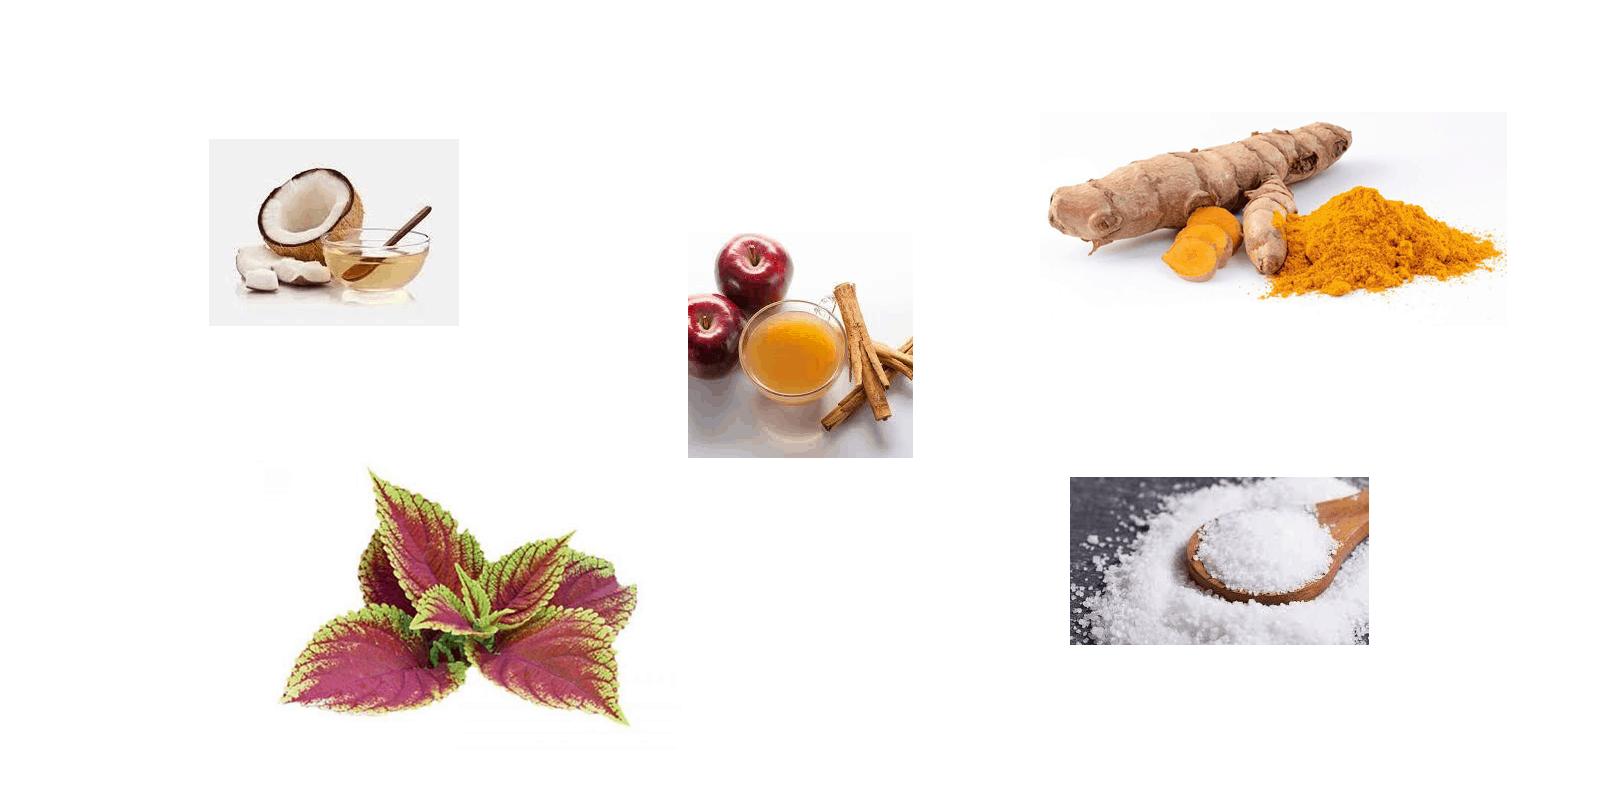 Keto Easy ingredients